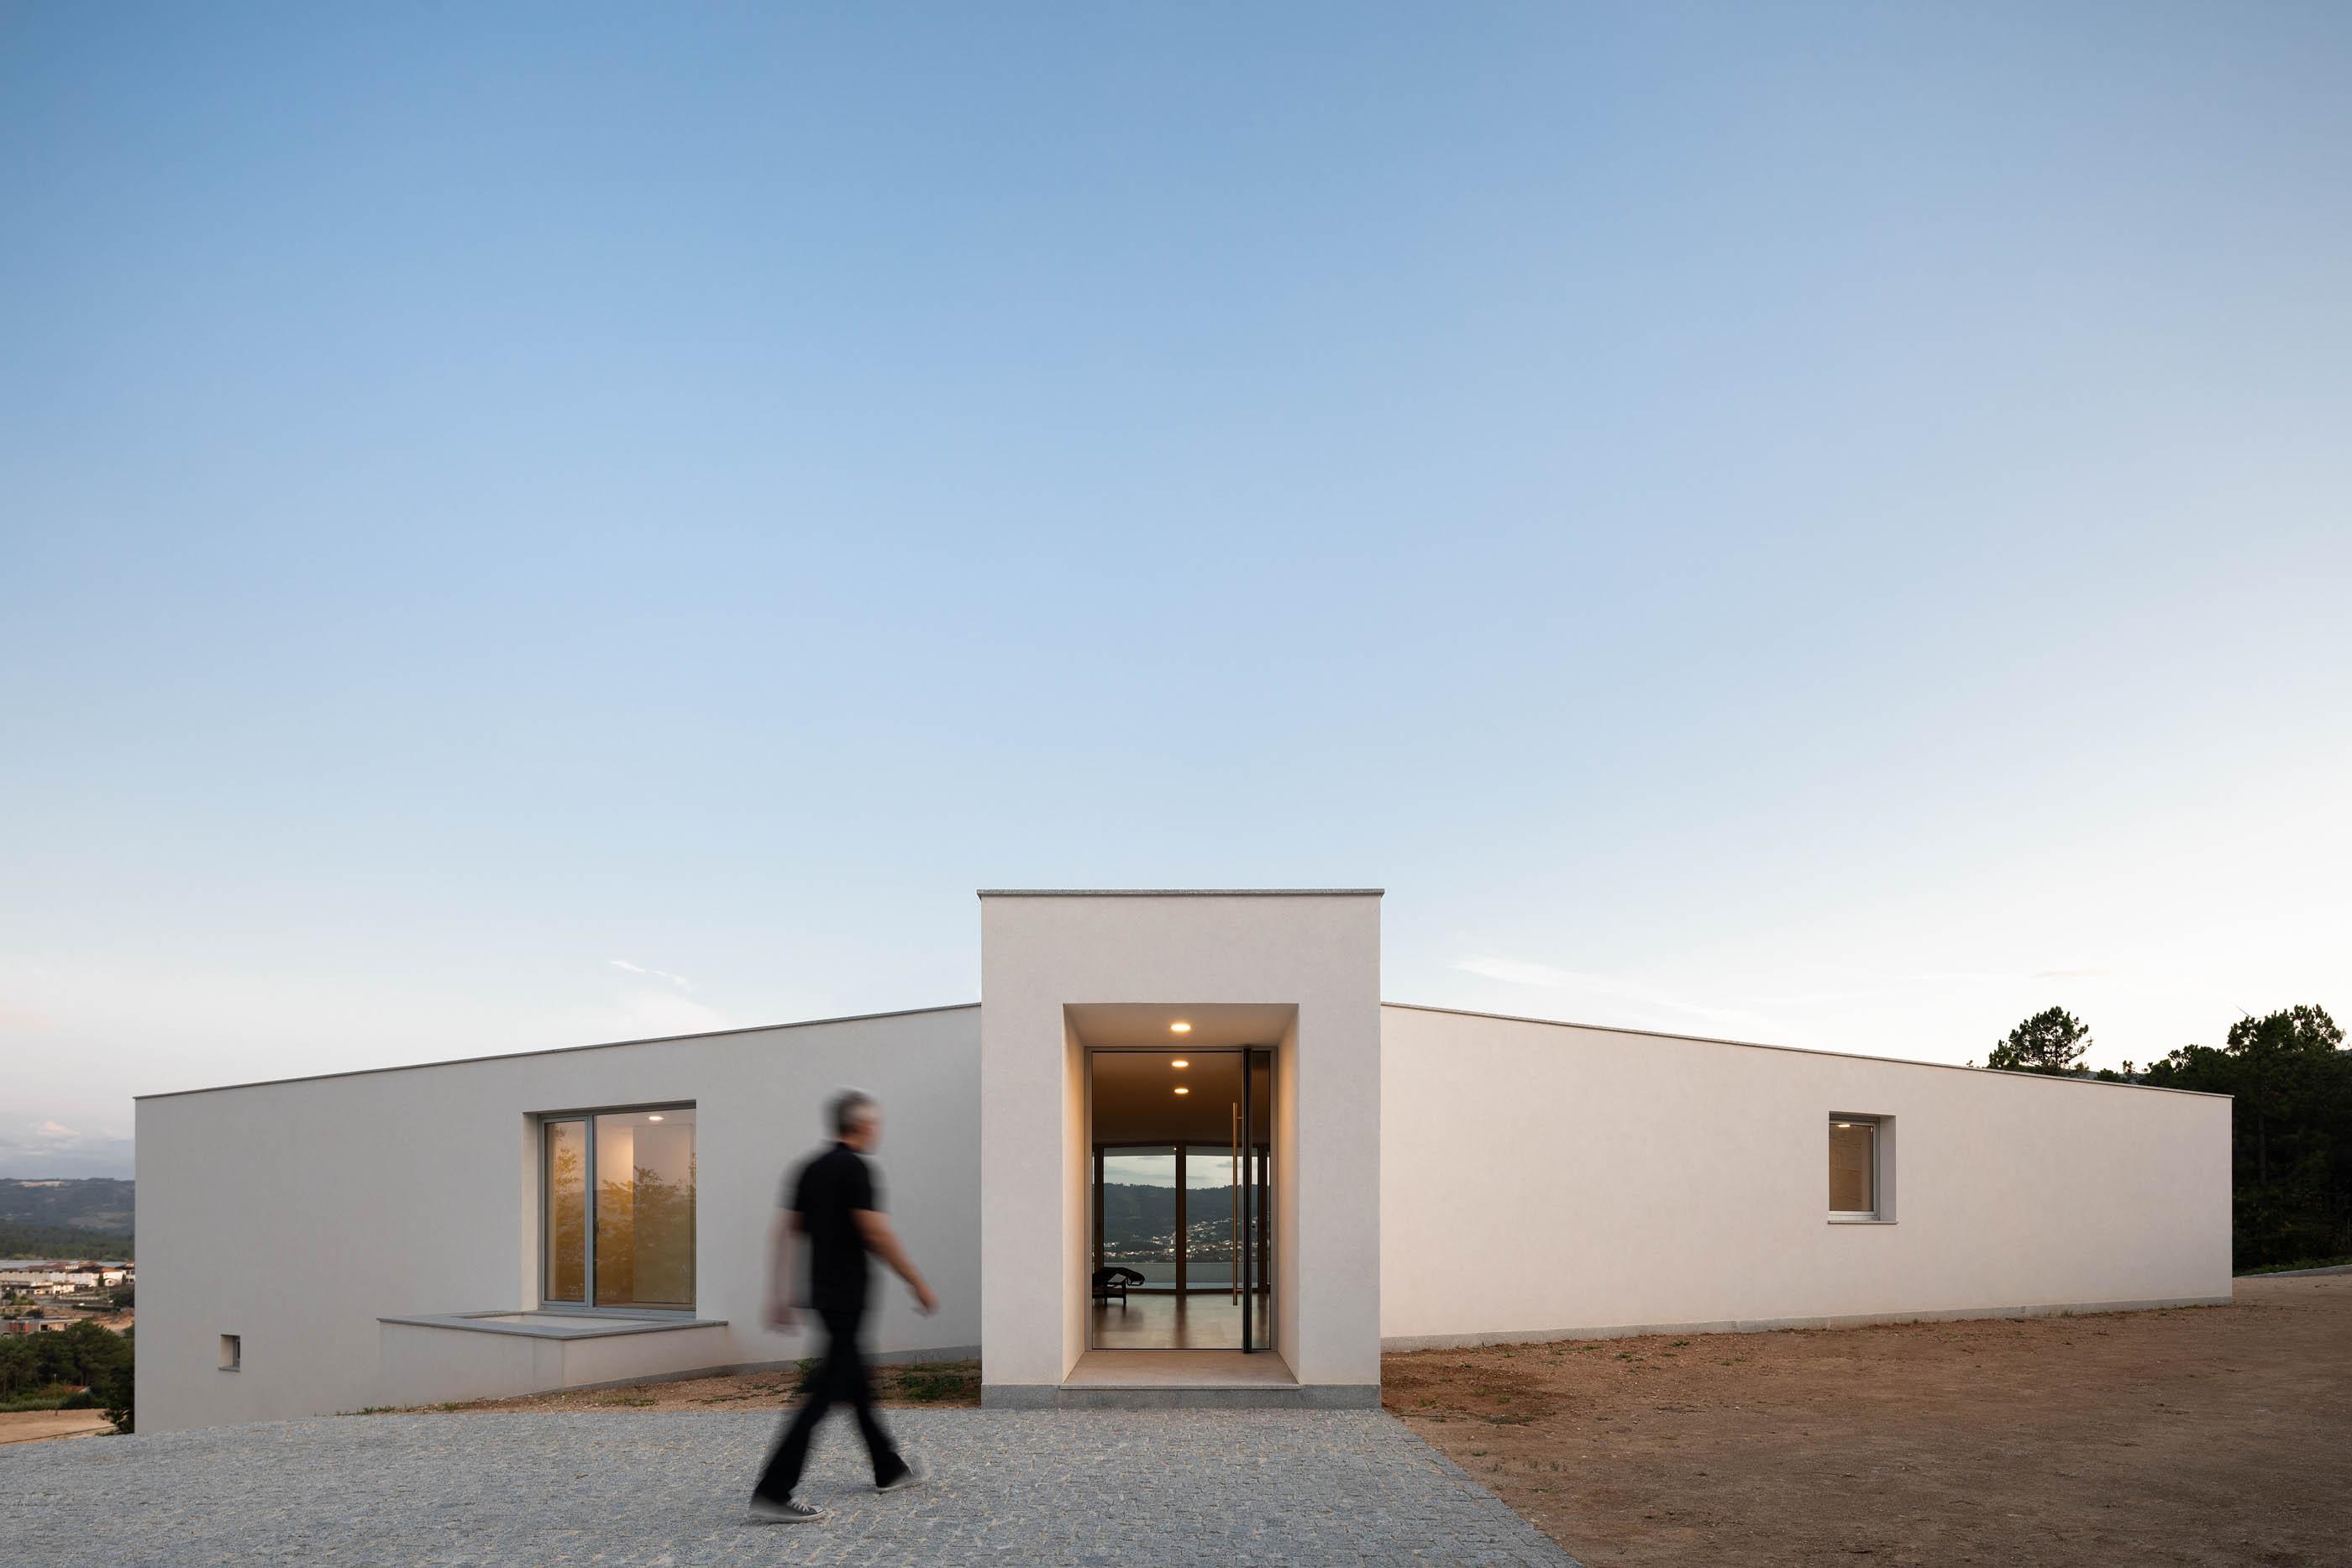 Casa Em Lamego Do Arquitecto António Ildefonso do fotografo Ivo Tavares Studio